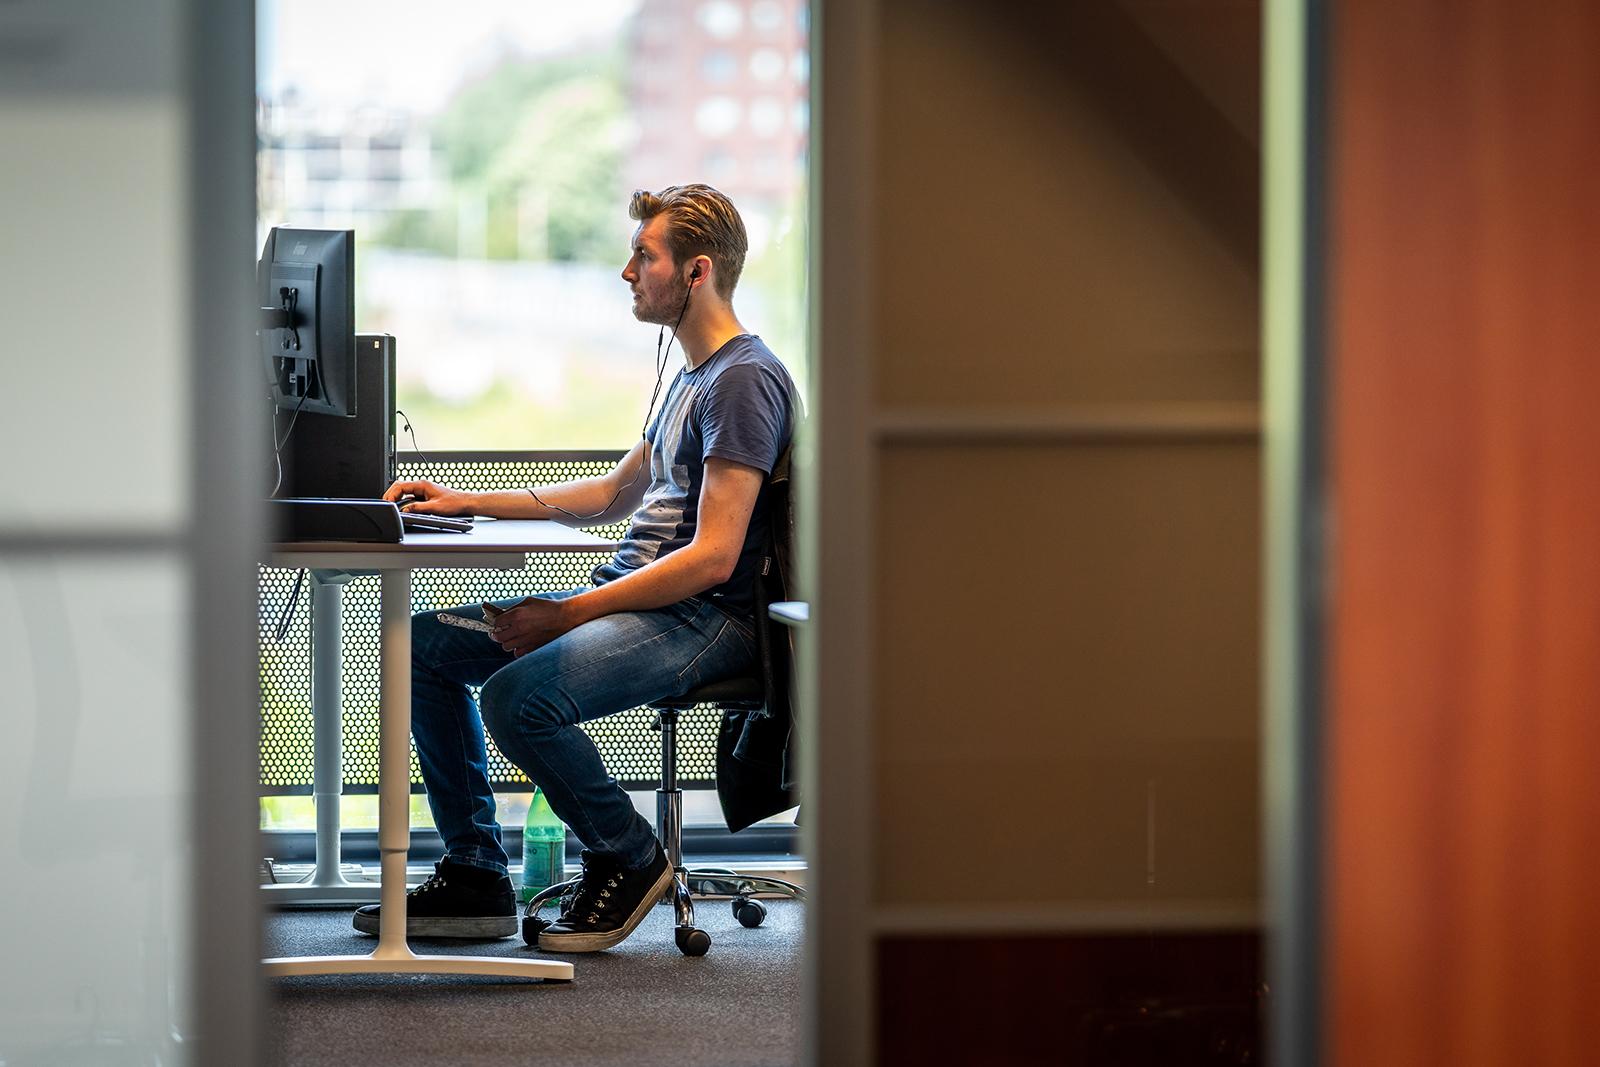 Ik wil me ontwikkelen als developer - Script Groningen